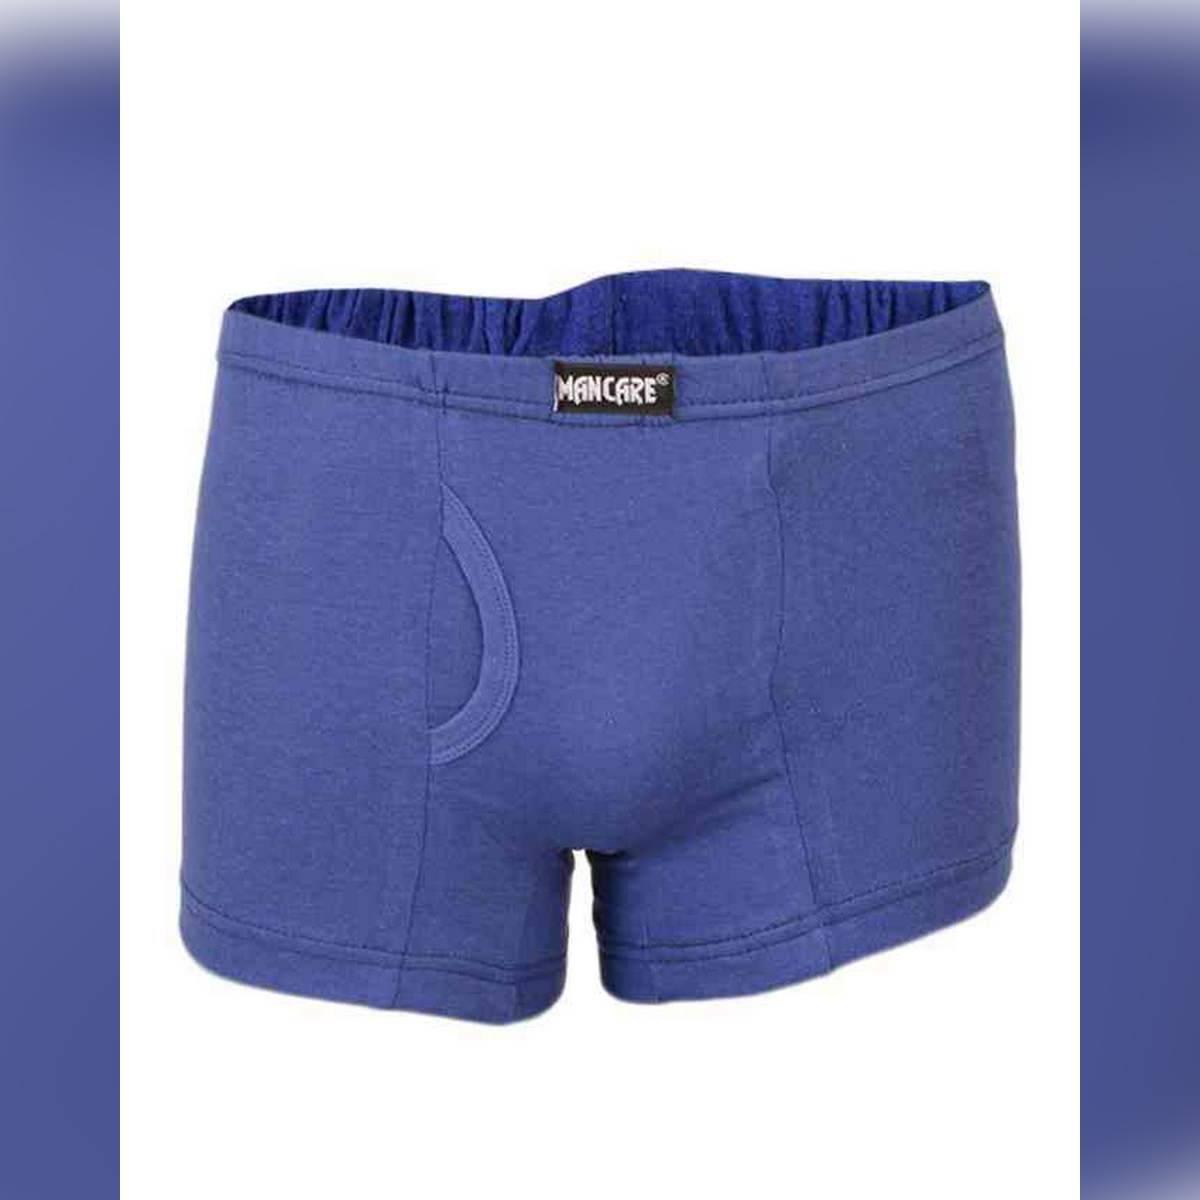 Mancare Pure Cotton Underwear for Men - Multicolour